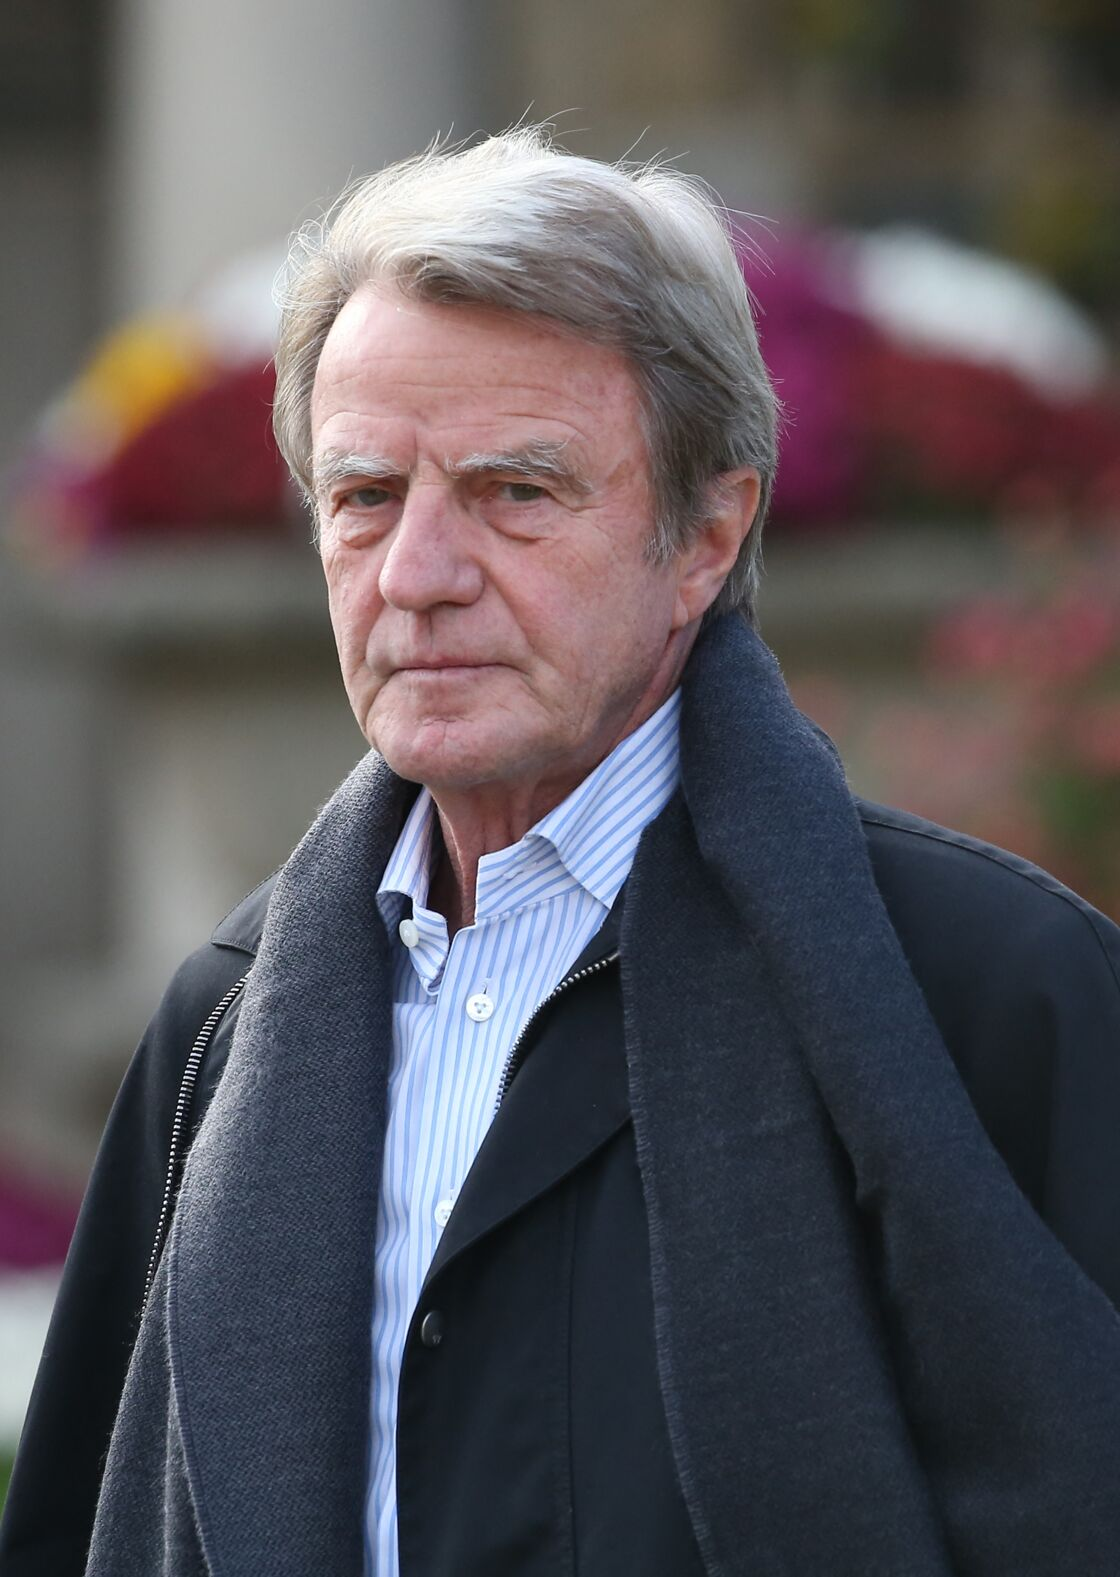 Bernard Kouchner - Hommage à André Glucksmann au crématorium du cimetière Père-Lachaise à Paris, le 13 novembre 2015.